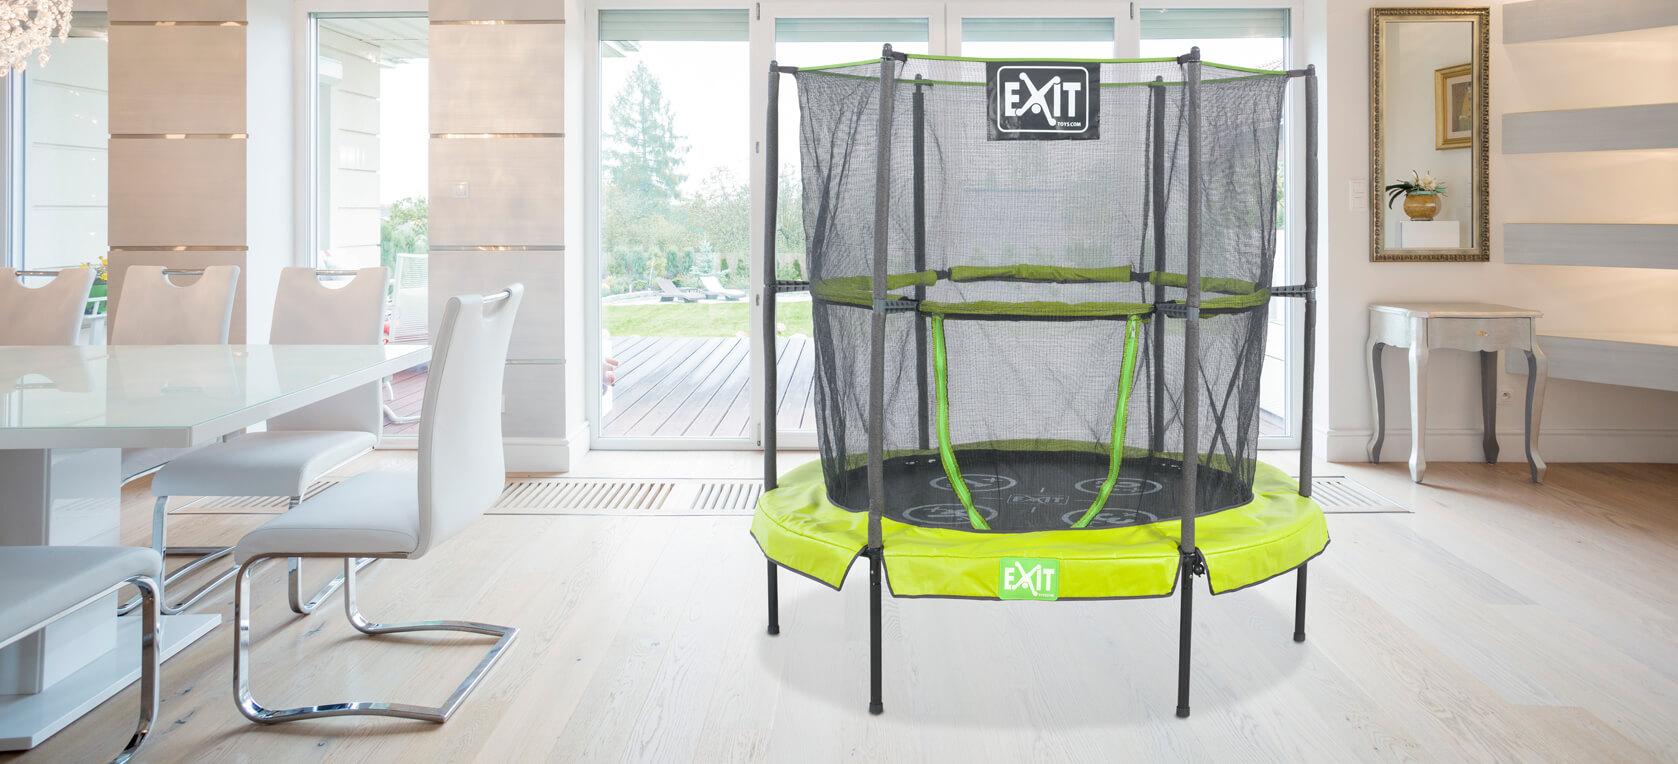 trampolin restposten bestpreise g nstig einkaufen. Black Bedroom Furniture Sets. Home Design Ideas